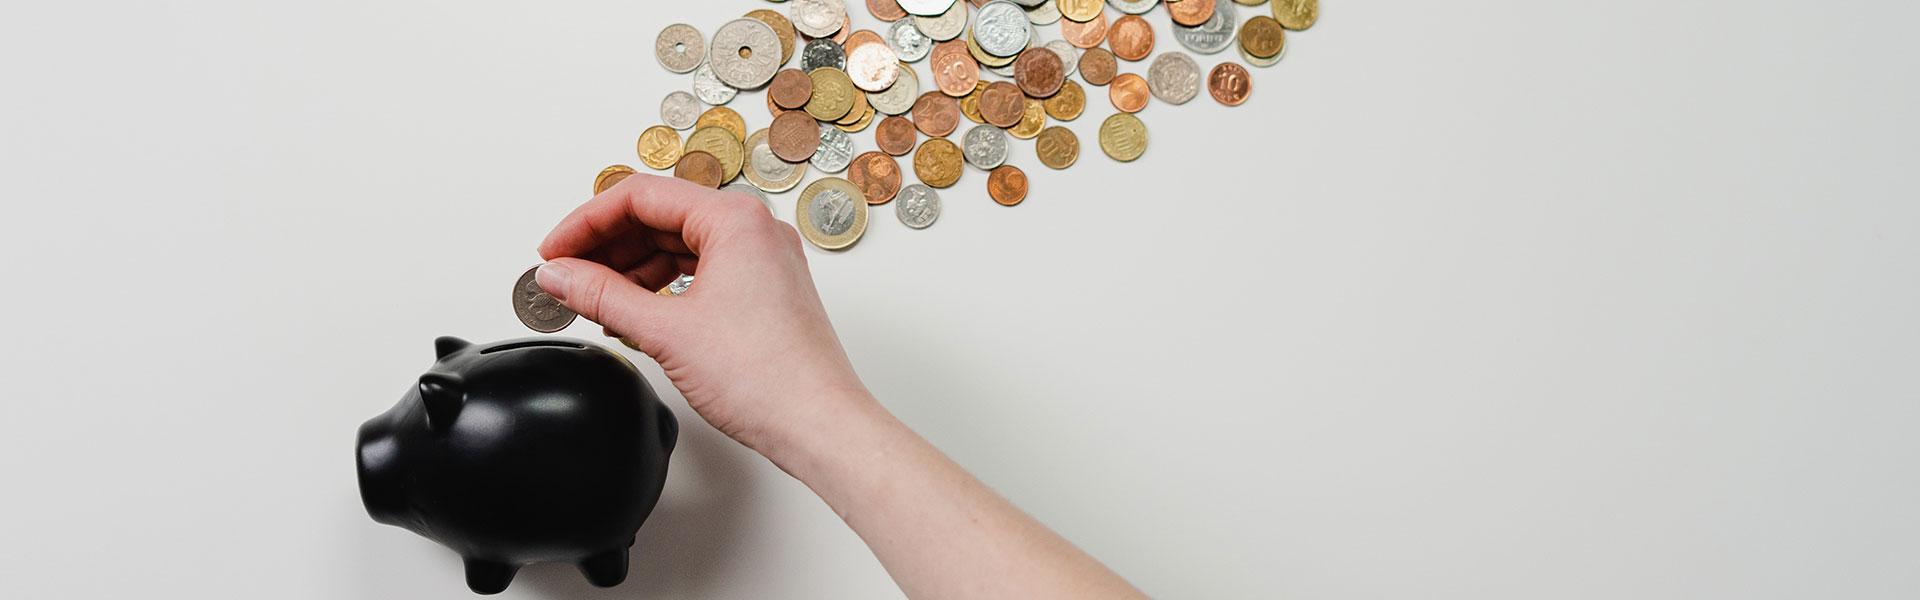 Como diminuir gastos